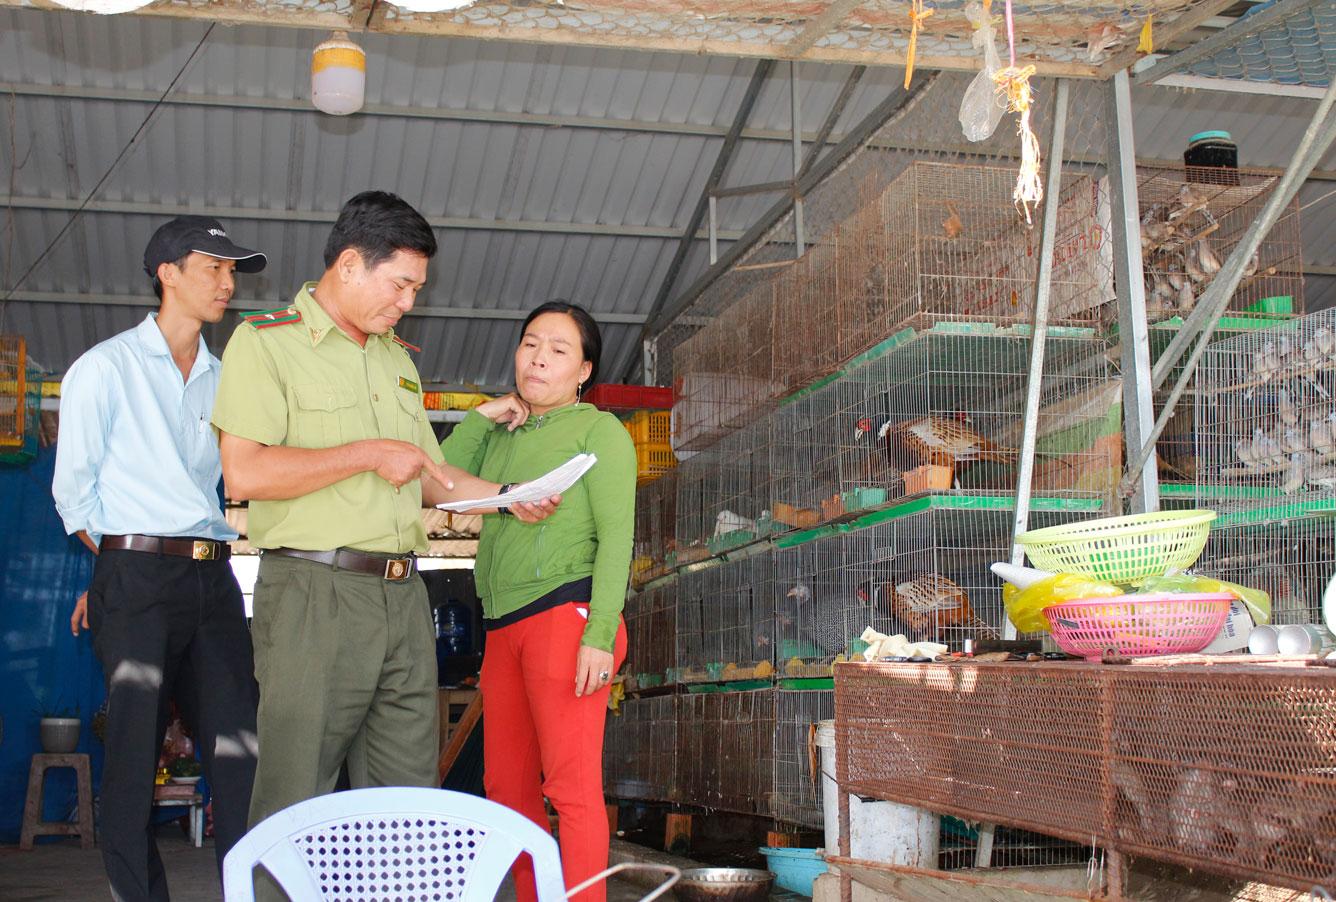 Đội kiểm tra liên ngành tỉnh kiểm tra nguồn gốc, xuất xứ các loại nông sản được bày bán tại chợ nông sản Thạnh Hóa